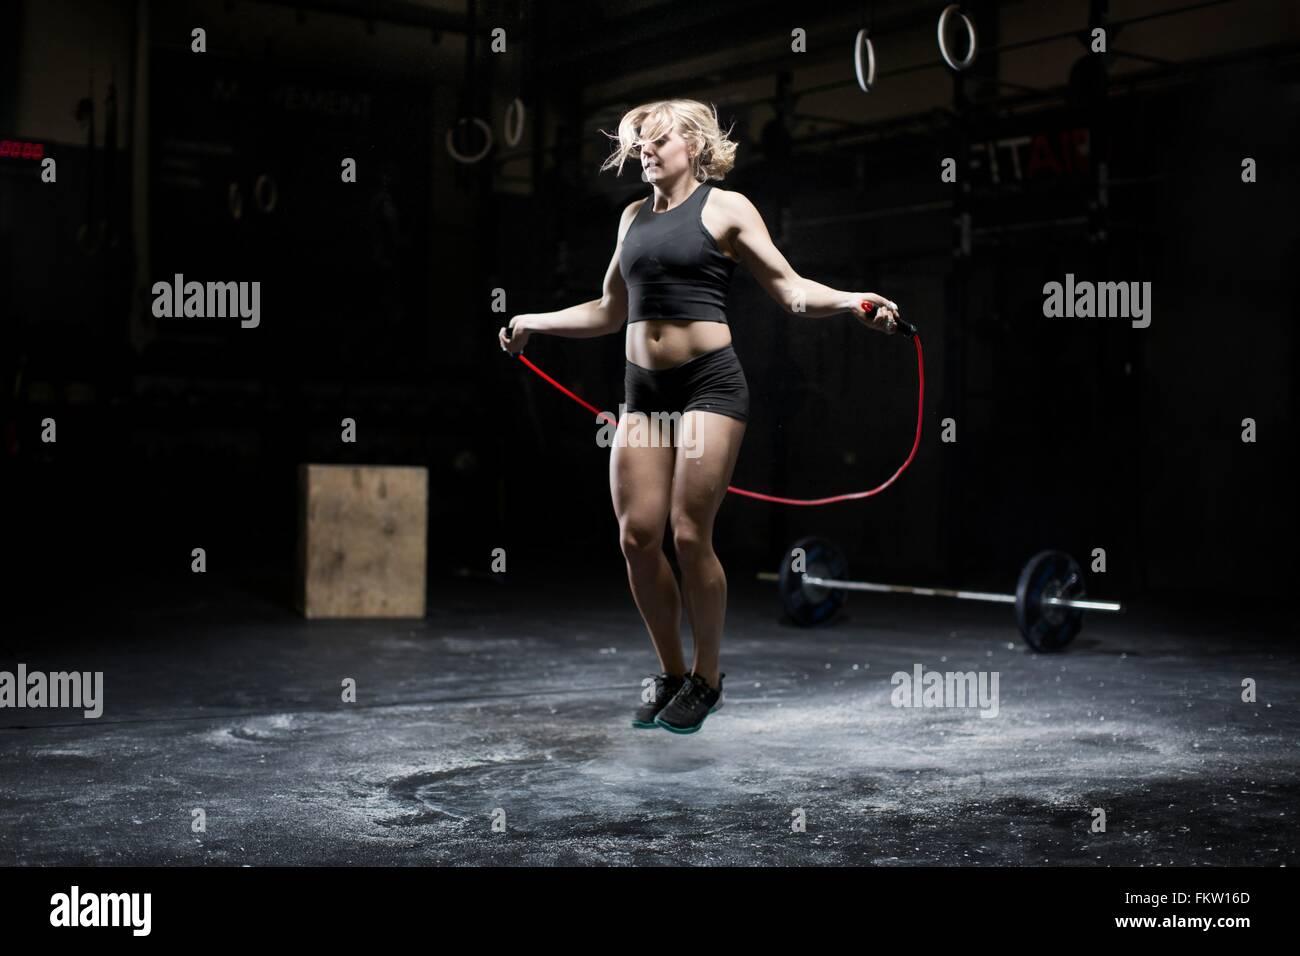 Mujer joven saltando en la oscuridad gimnasio Imagen De Stock